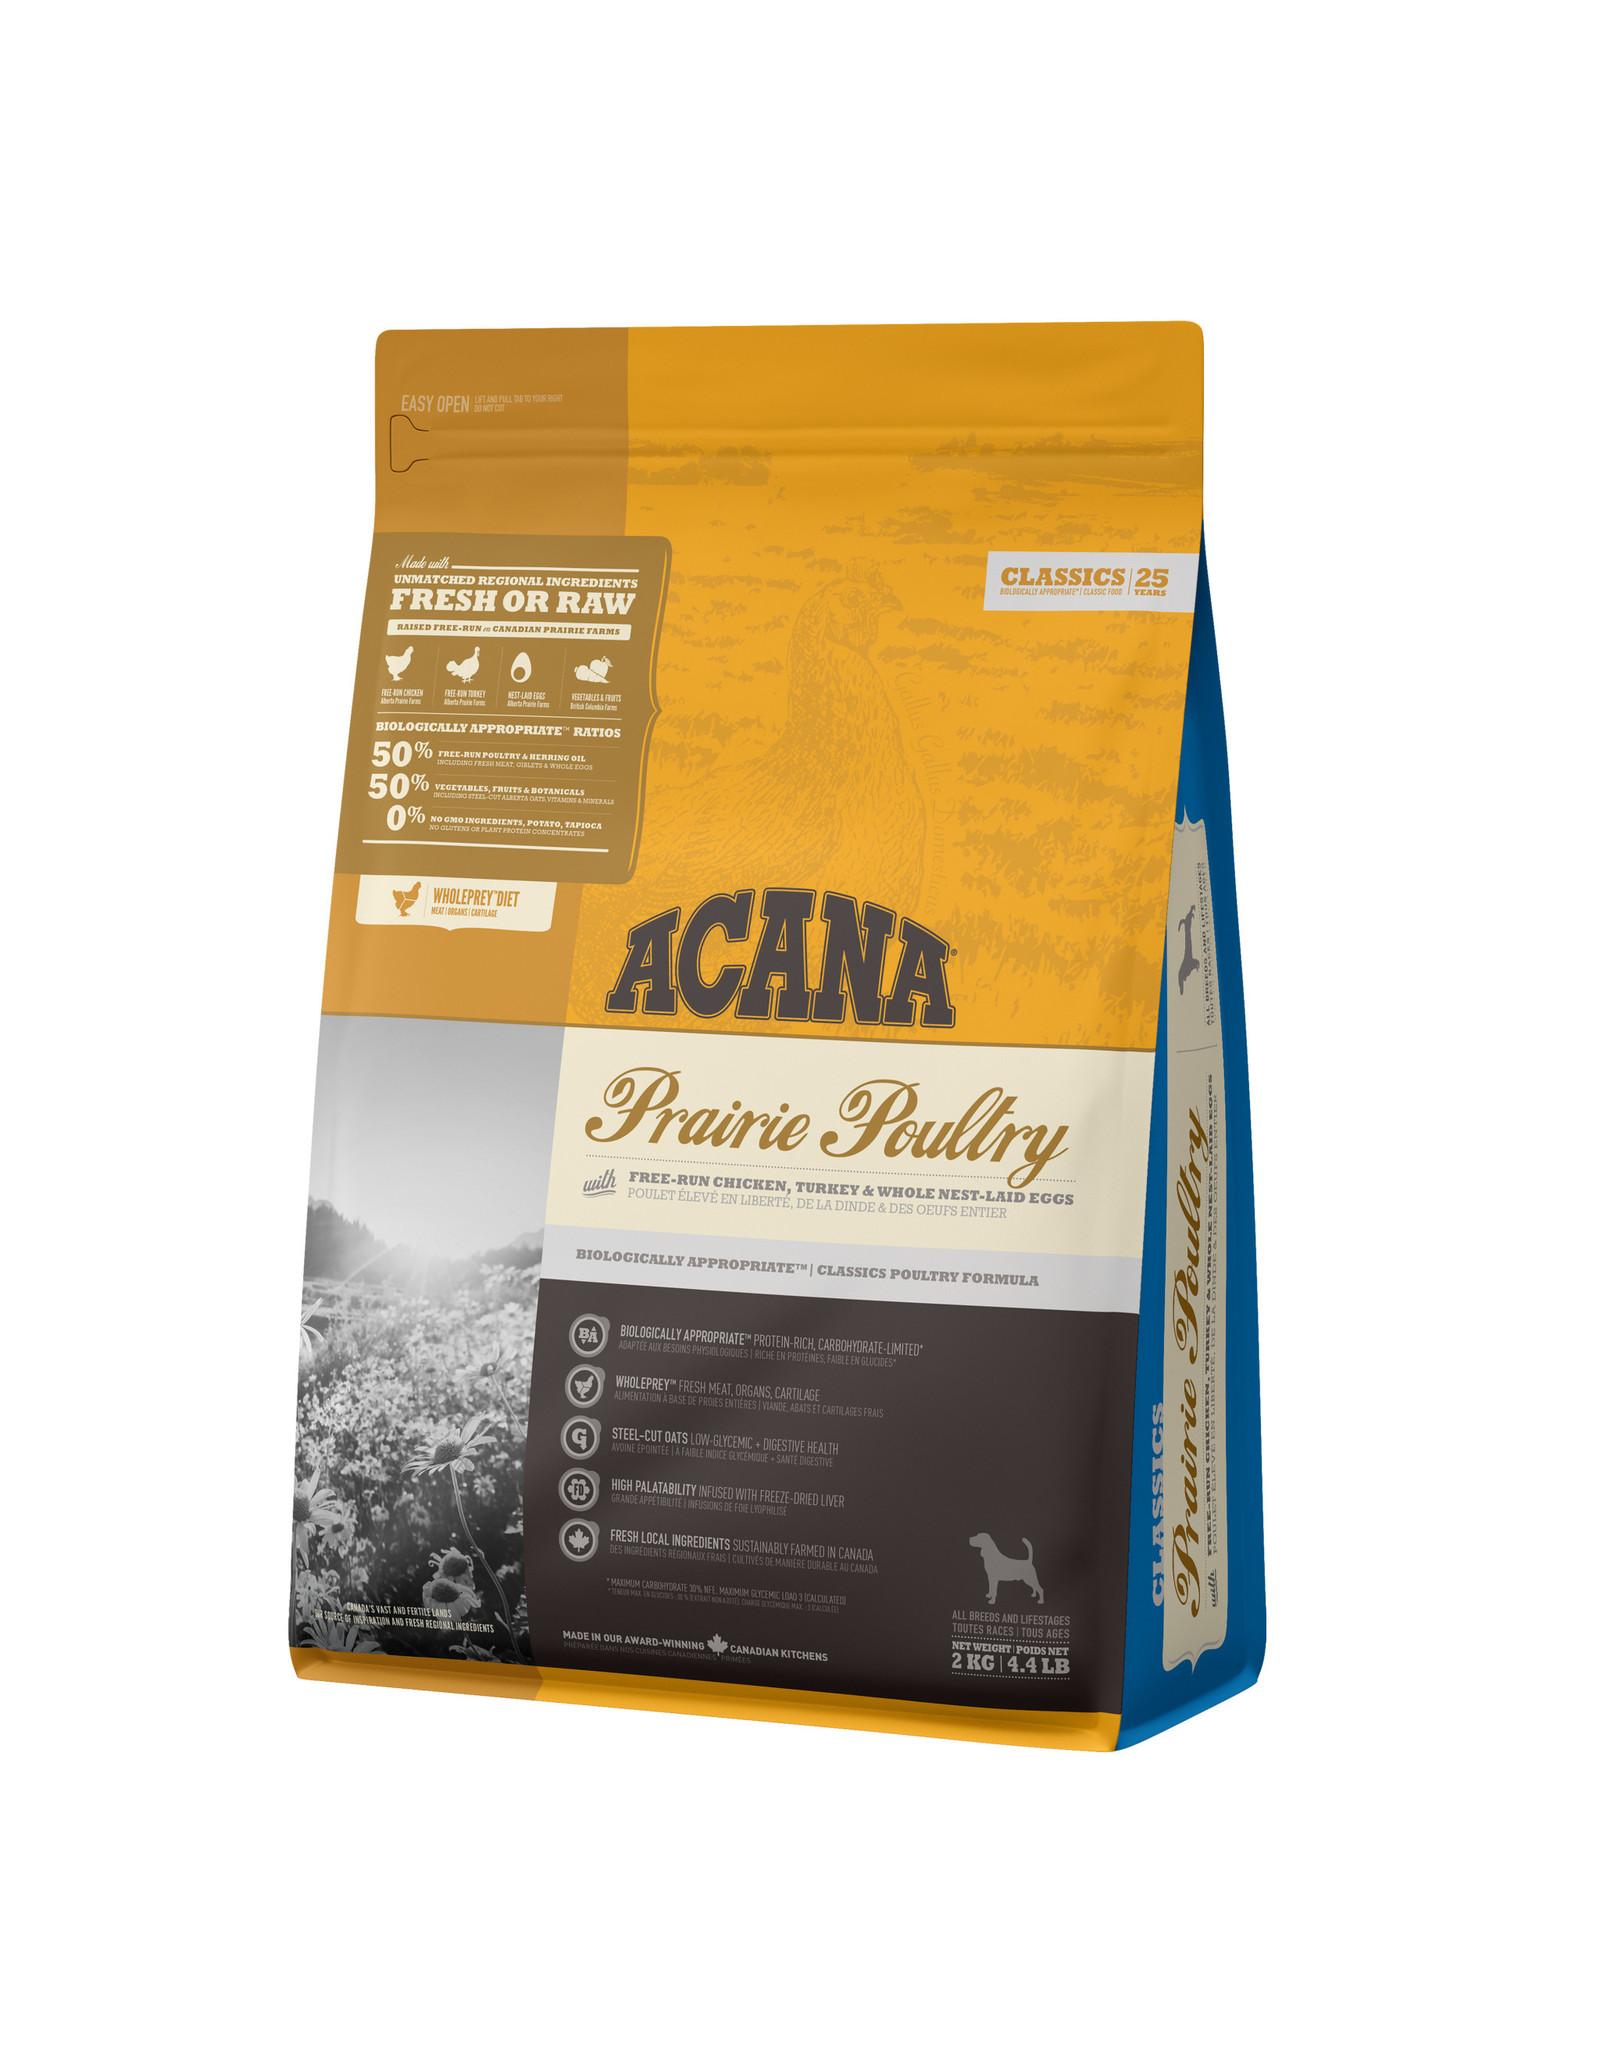 Acana Acana Prairie Poultry [DOG]